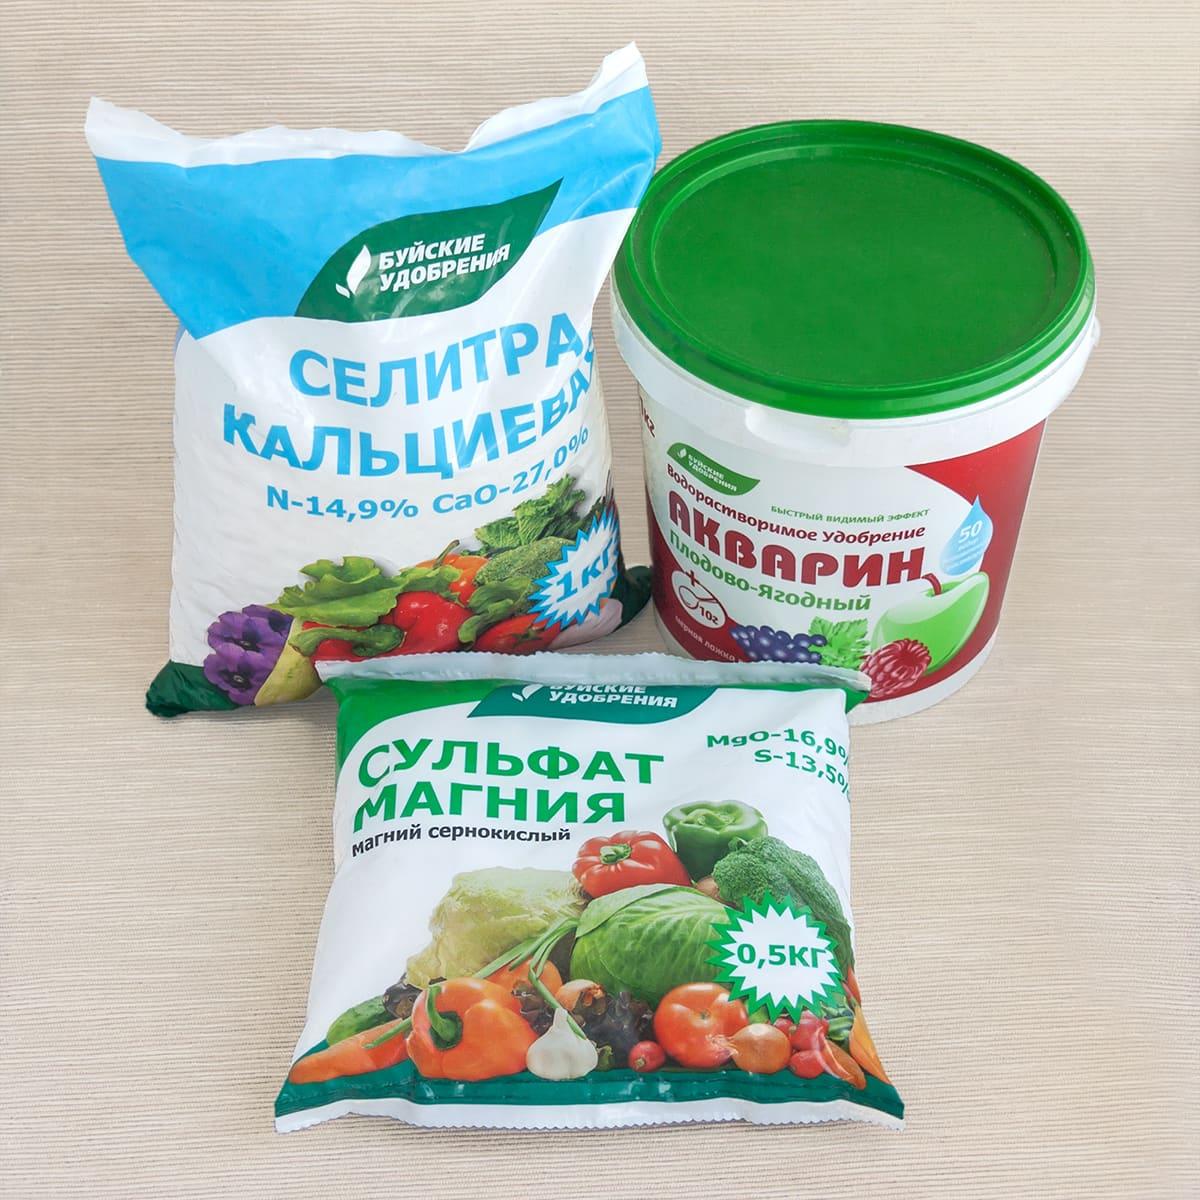 Ингредиенты гидропонного питательного раствора